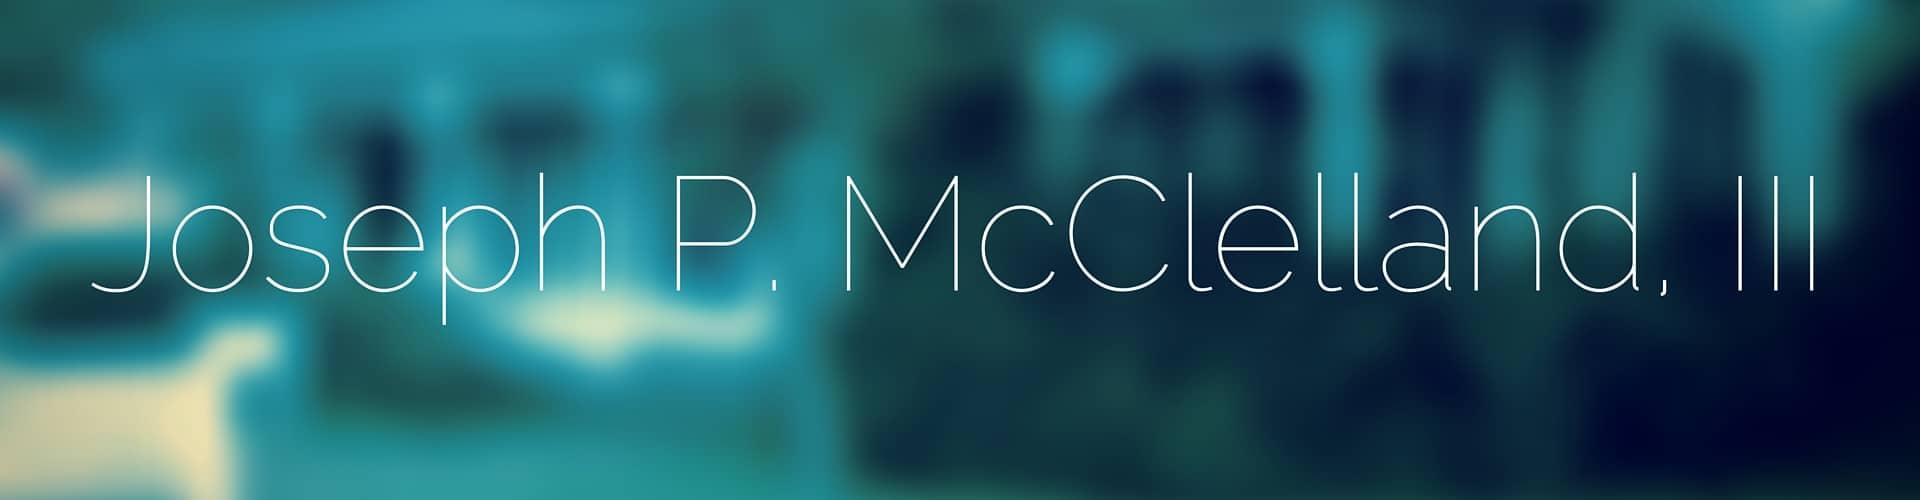 Joseph McClelland